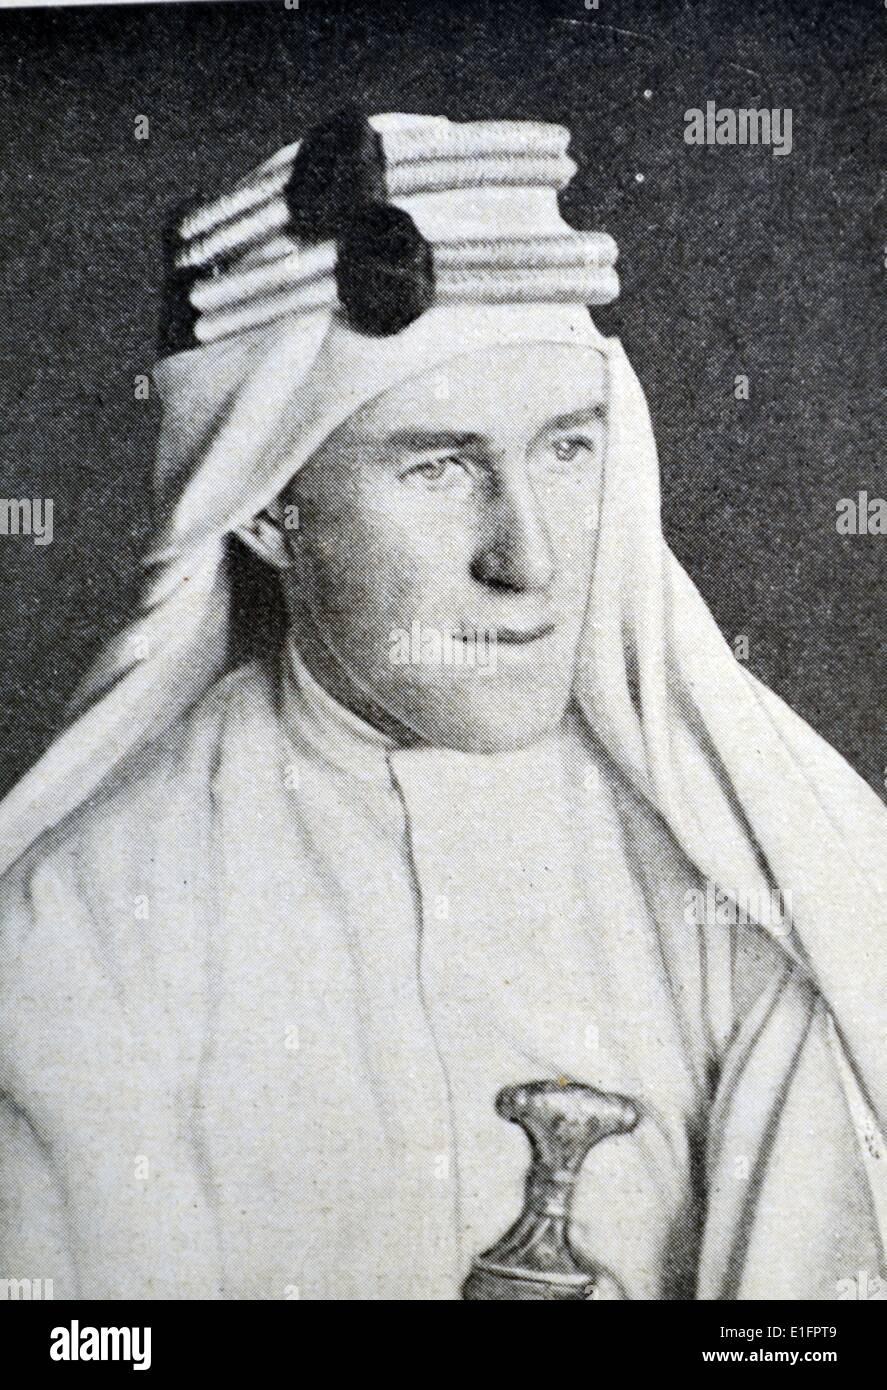 Thomas Edward Lawrence - Stock Image